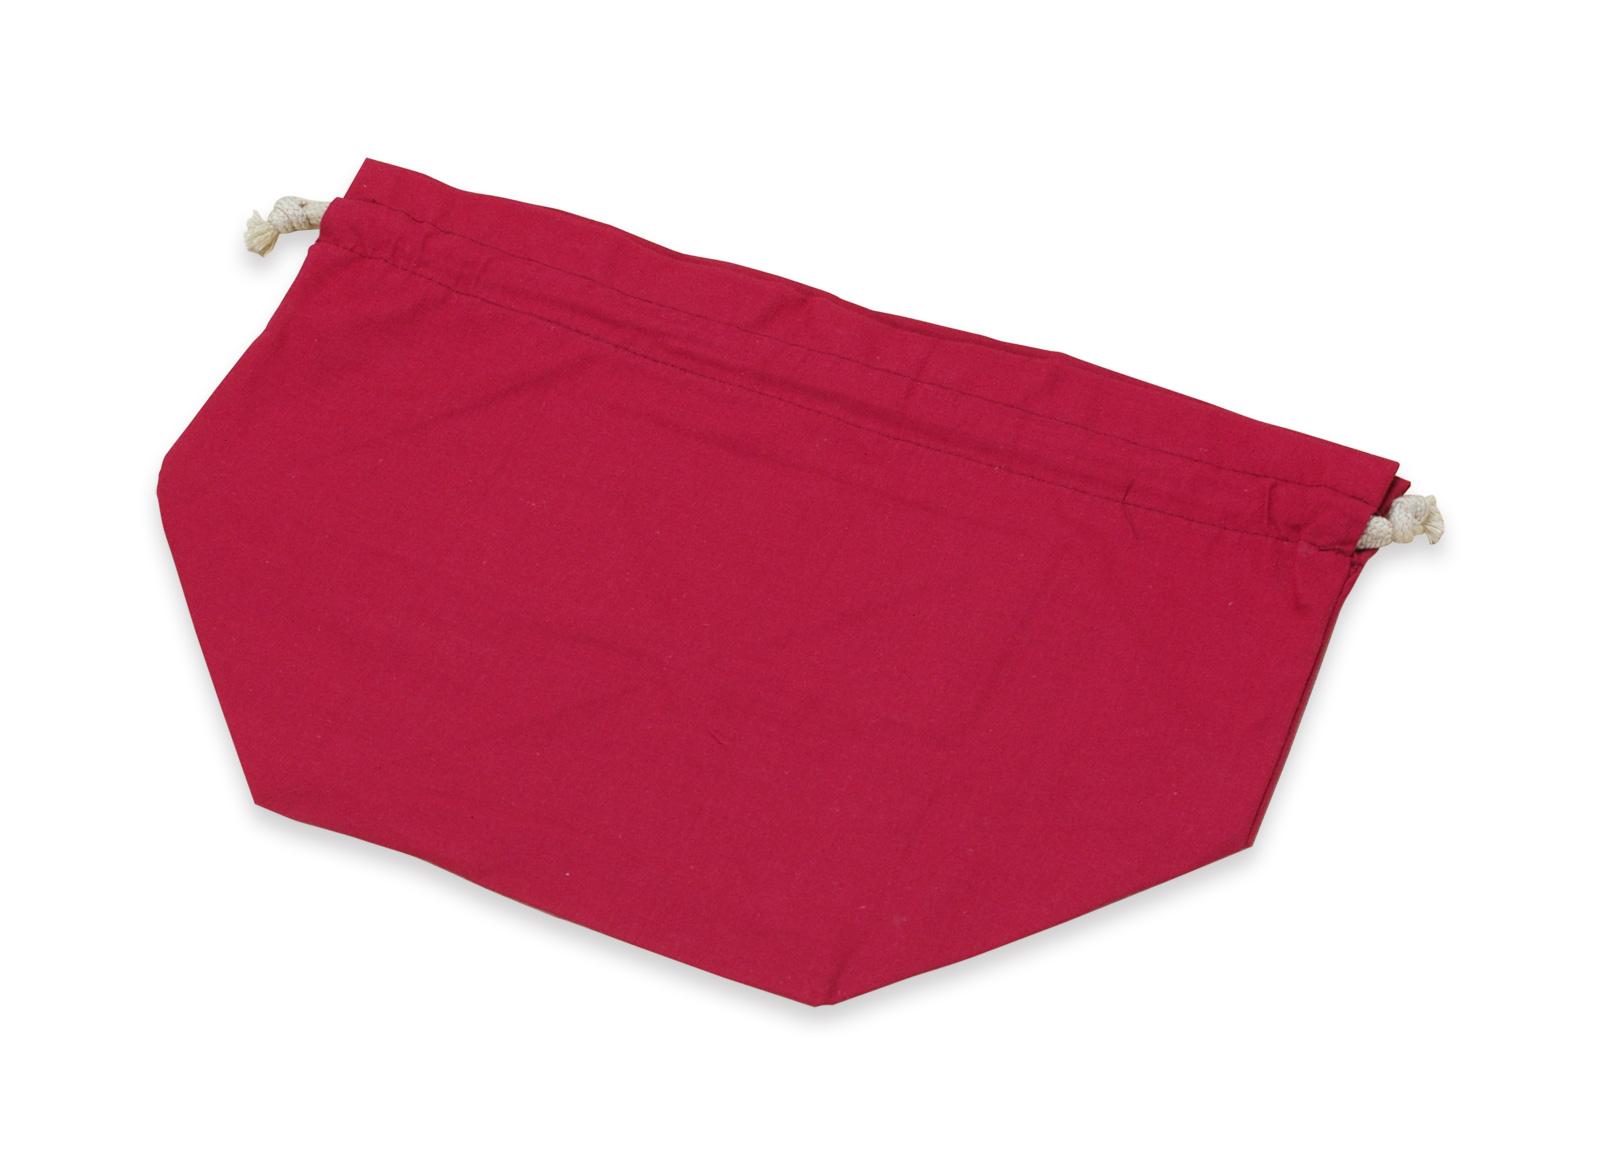 メール便なら、日本全国送料一律。在庫限りで販売終了。コットン100%使用。お弁当箱を優しく包んでくれる、ランチ巾着袋。汚れた時は洗濯機で洗えます。巾着 バッグ 【在庫限り】 タツクラフト ランチ 巾着 バッグ L レッド【メール便なら北海道から沖縄まで、日本全国送料一律】【綿100%】【ランチバッグ】【ランチ巾着】【巾着袋】【訳あり】【アウトレット】【在庫一掃】【Web限定】【日本製】汚れや折りジワ等があります。